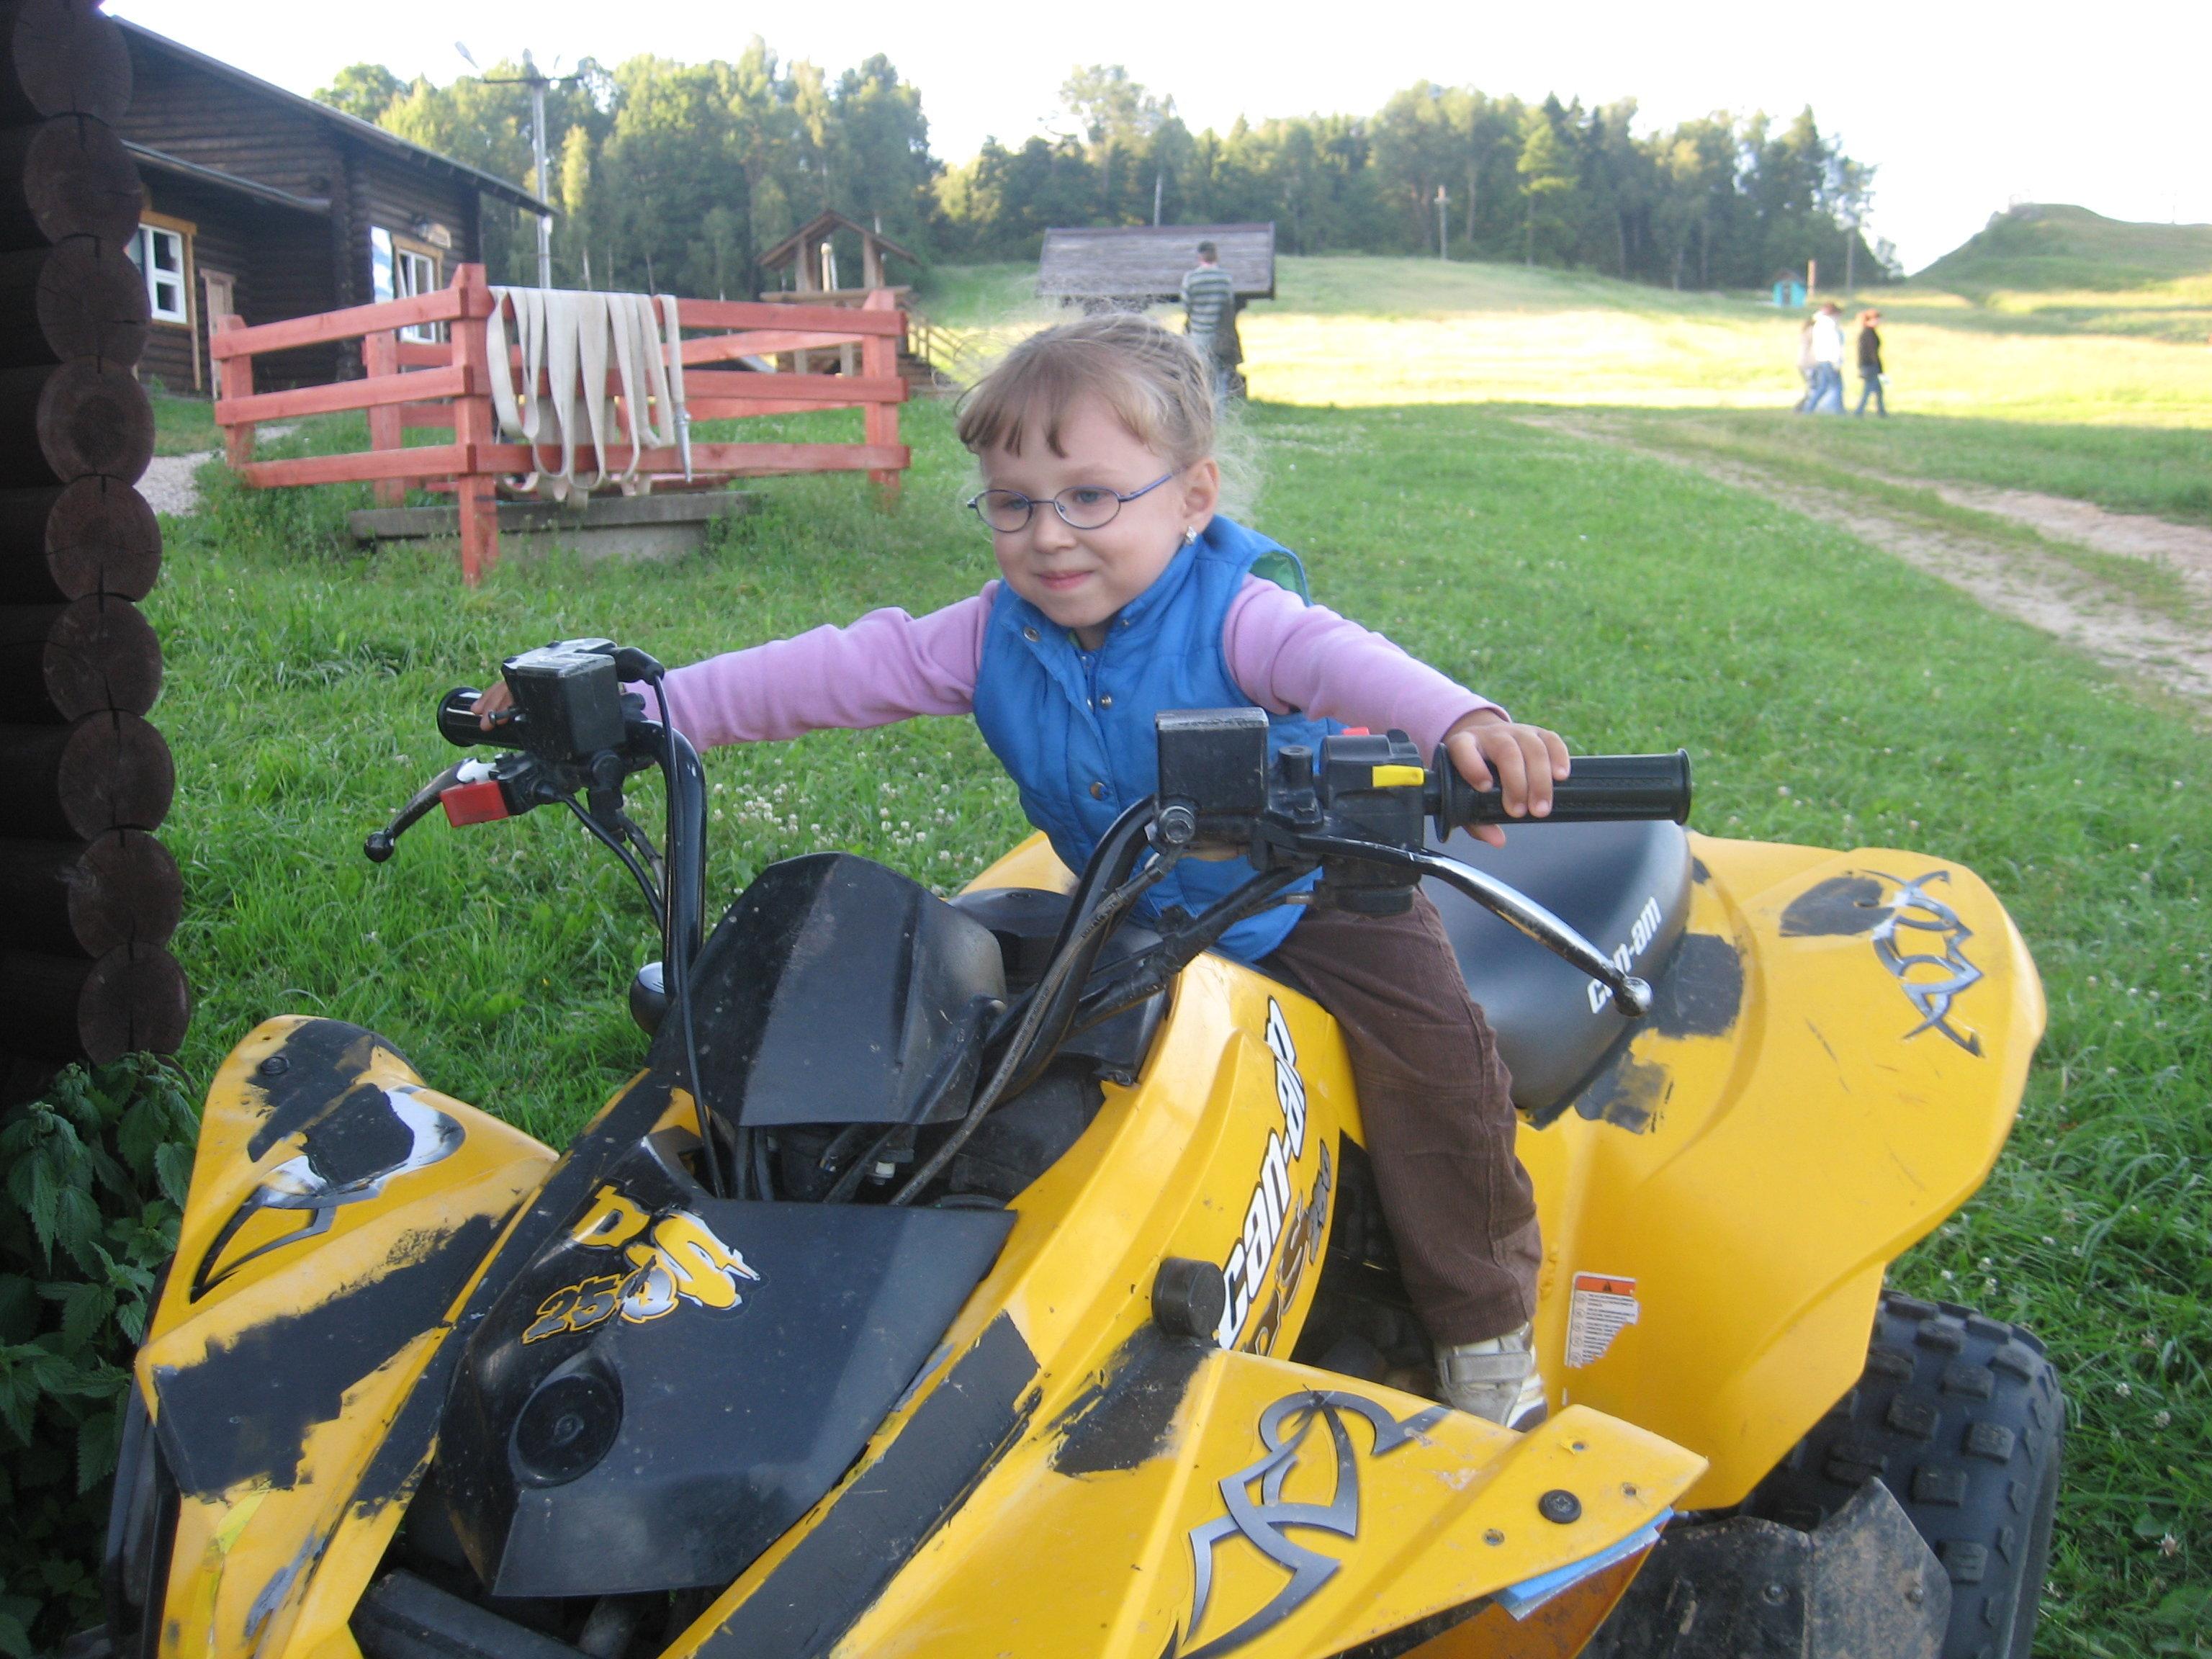 Первое время после детского дома Соня боялась даже выходить из квартиры, а спустя пару лет уже отважно покоряла квадроцикл